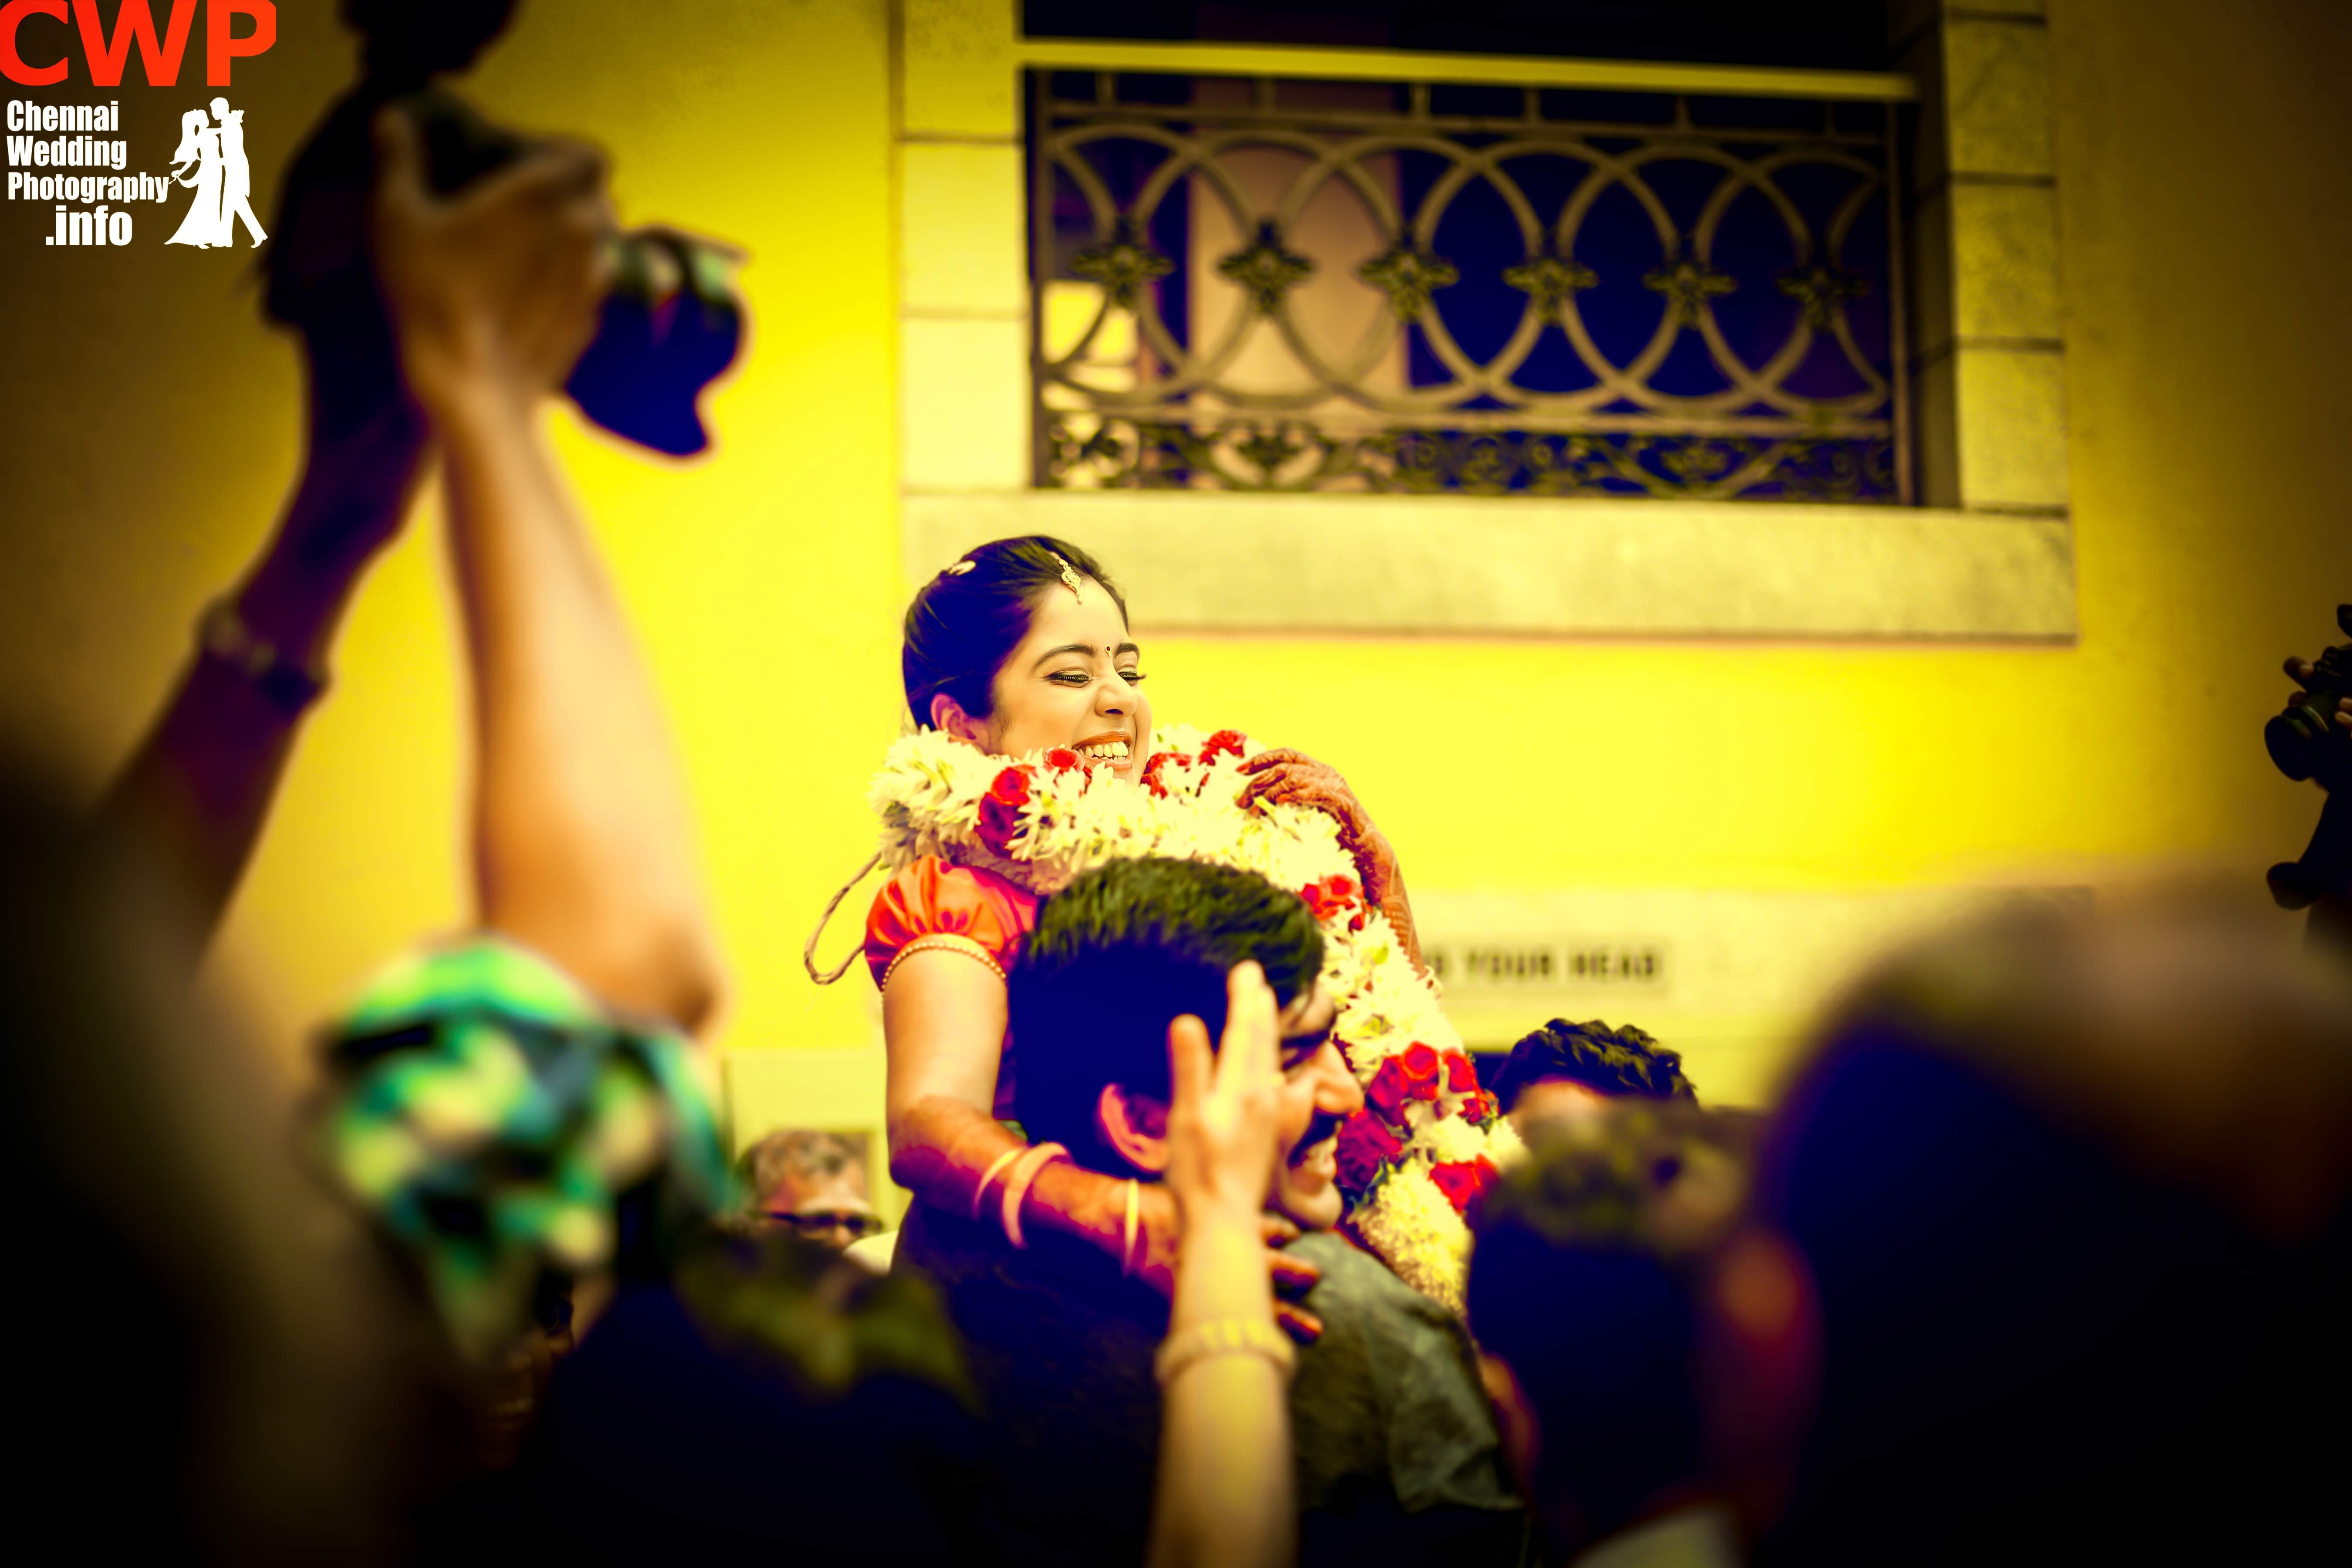 chennai wedding cinematic films